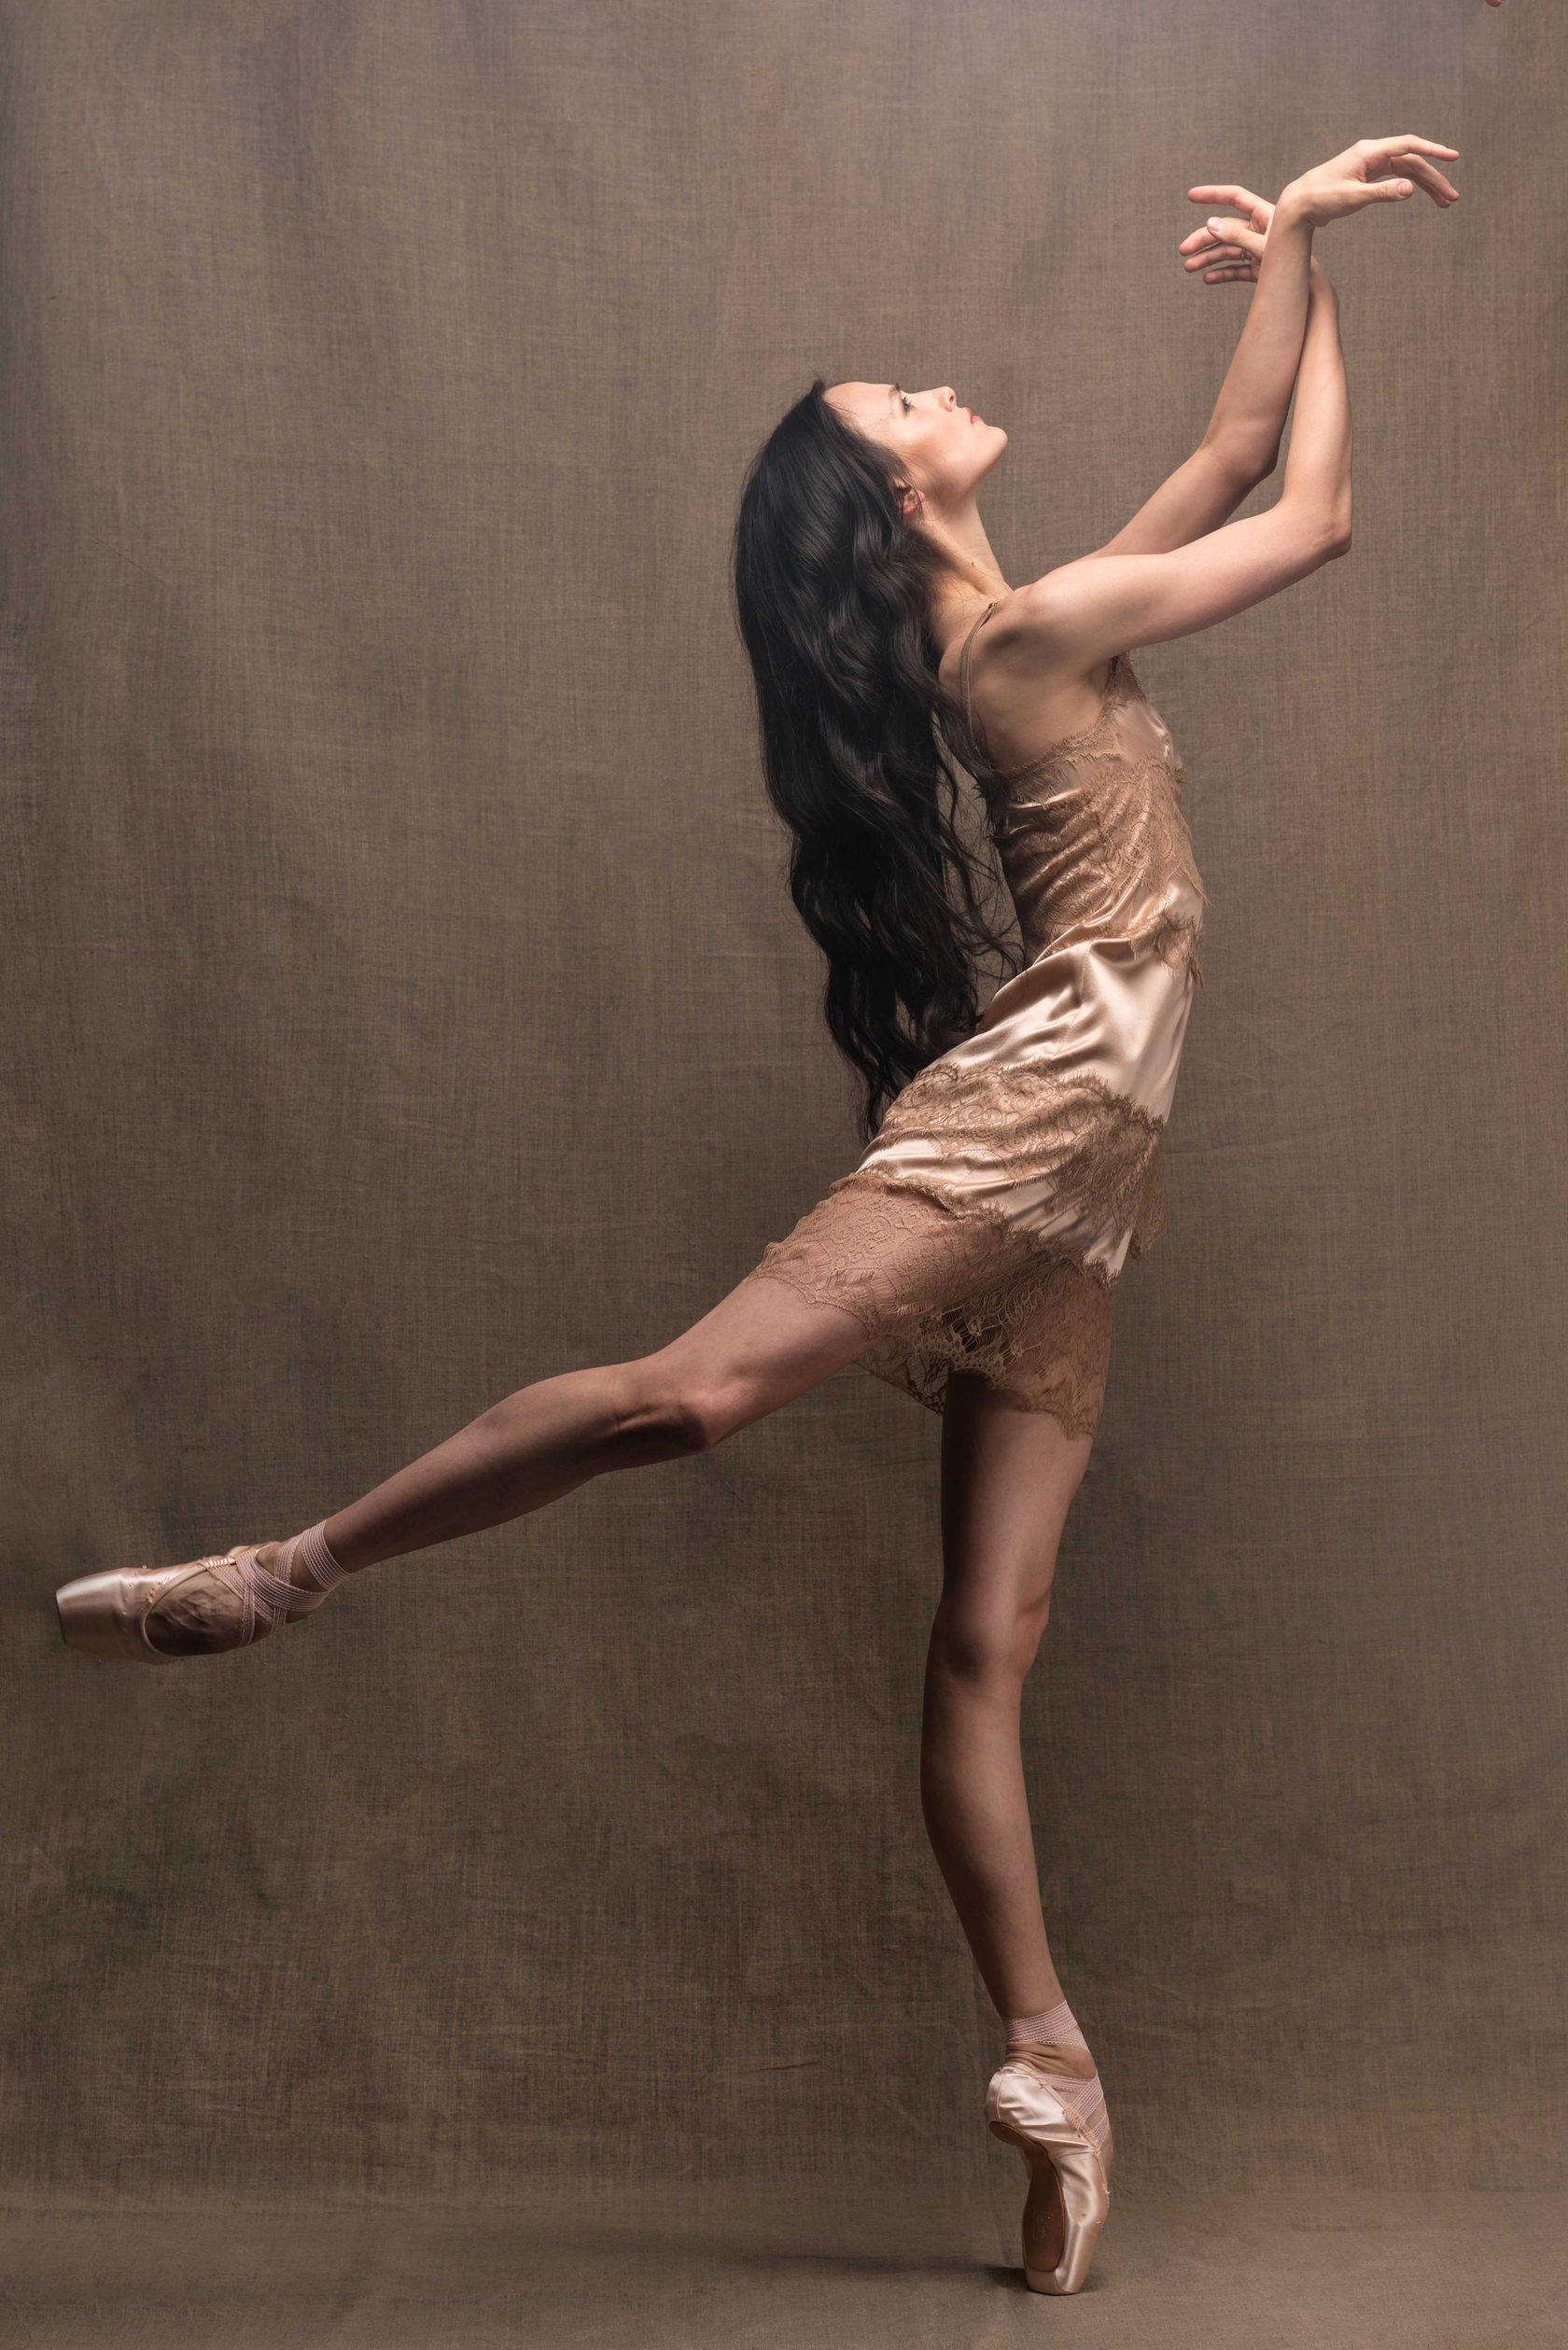 рапсодия лучшая танцовщица мира фото это, никто